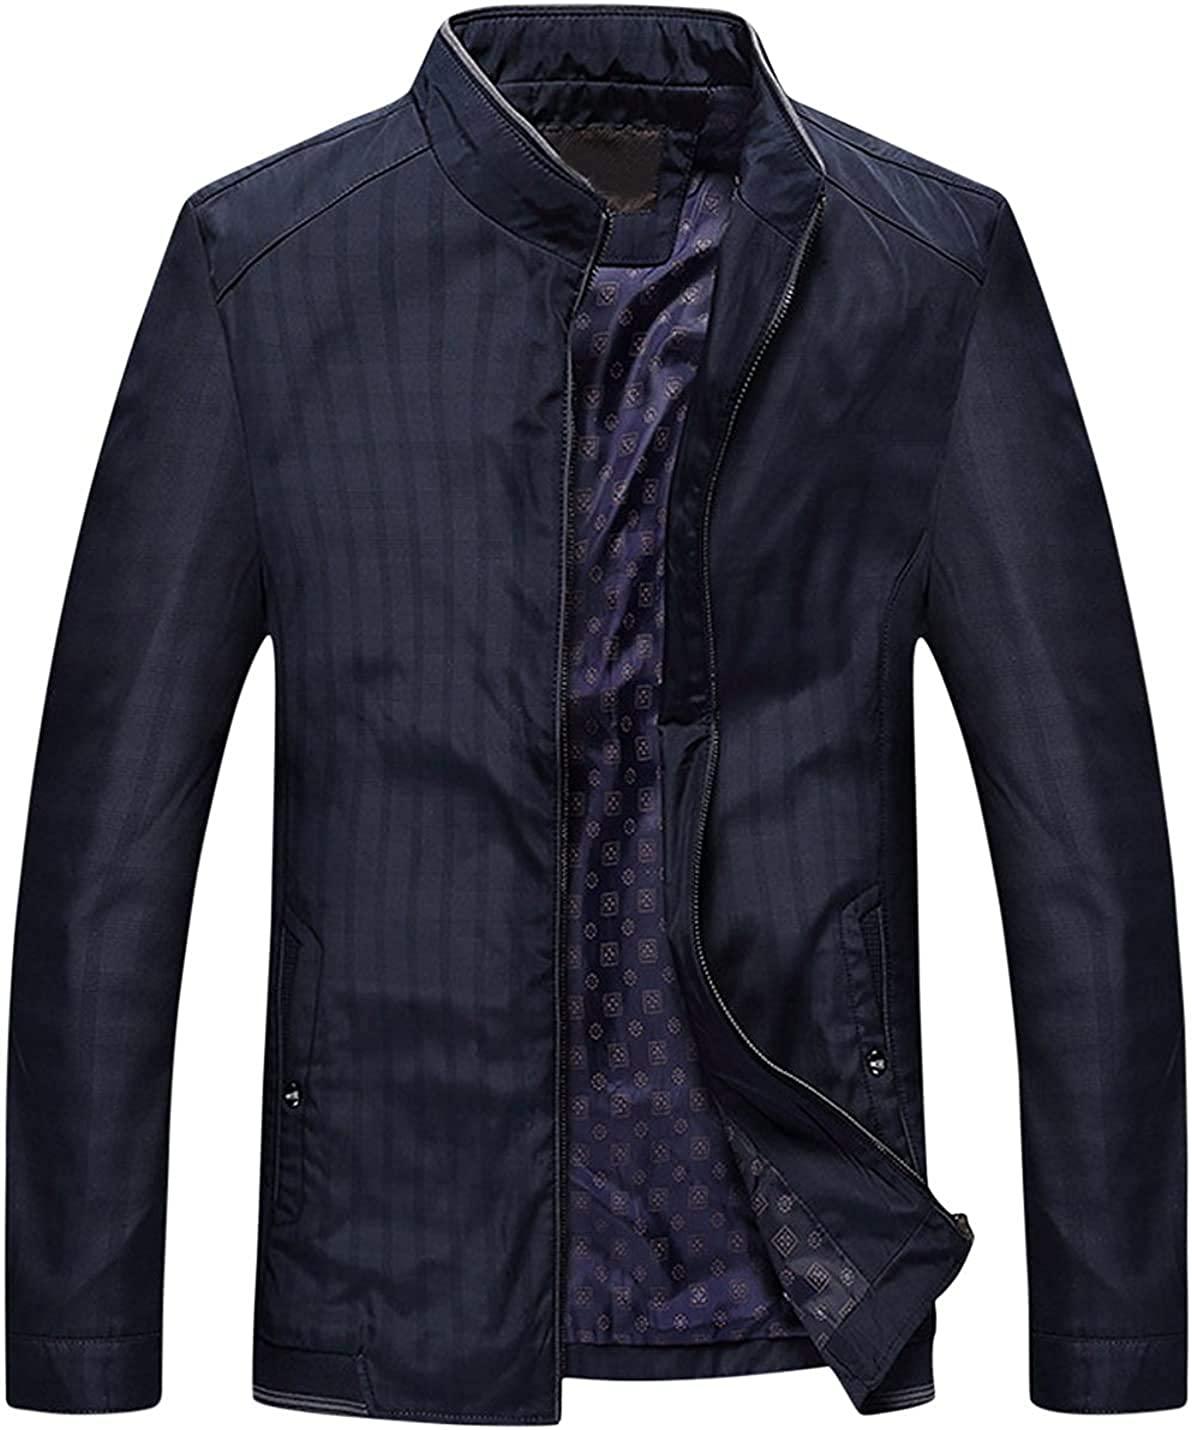 Xudcufyhu Men's Lightweight Stand Collar Front Zipper Outerwear Jacket Coats